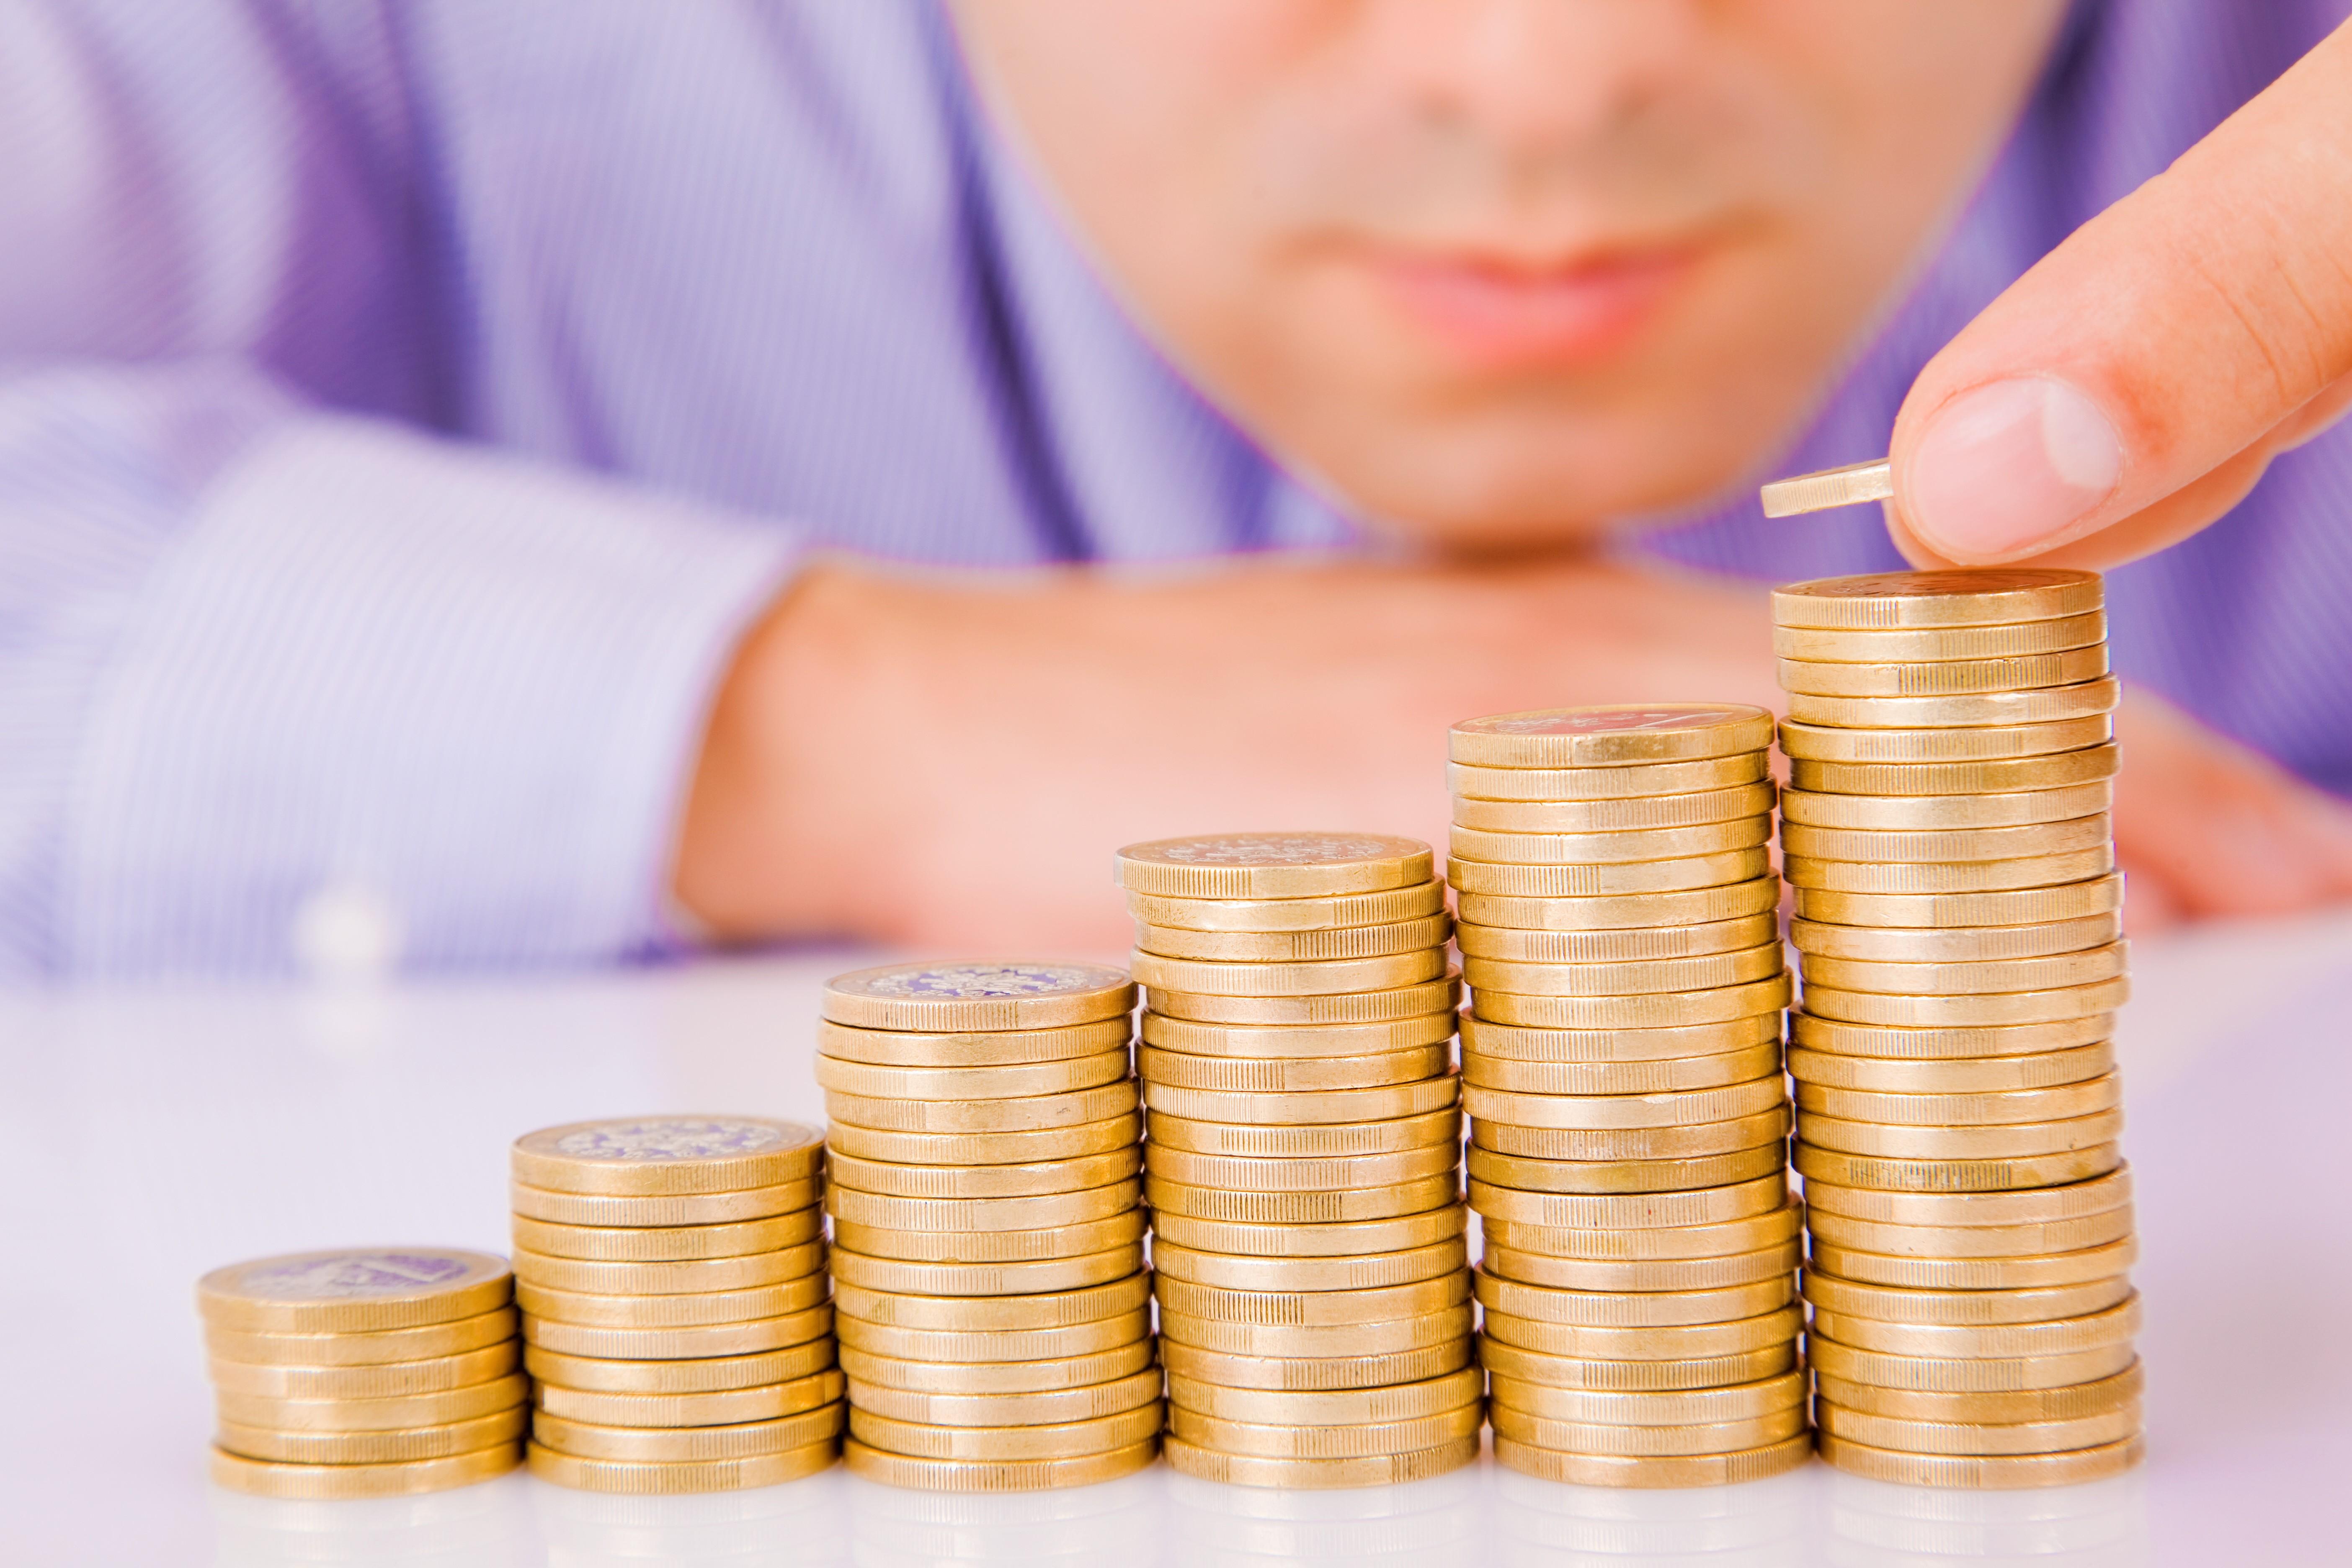 Инфляция в Российской Федерации в сентябре составила 0,6